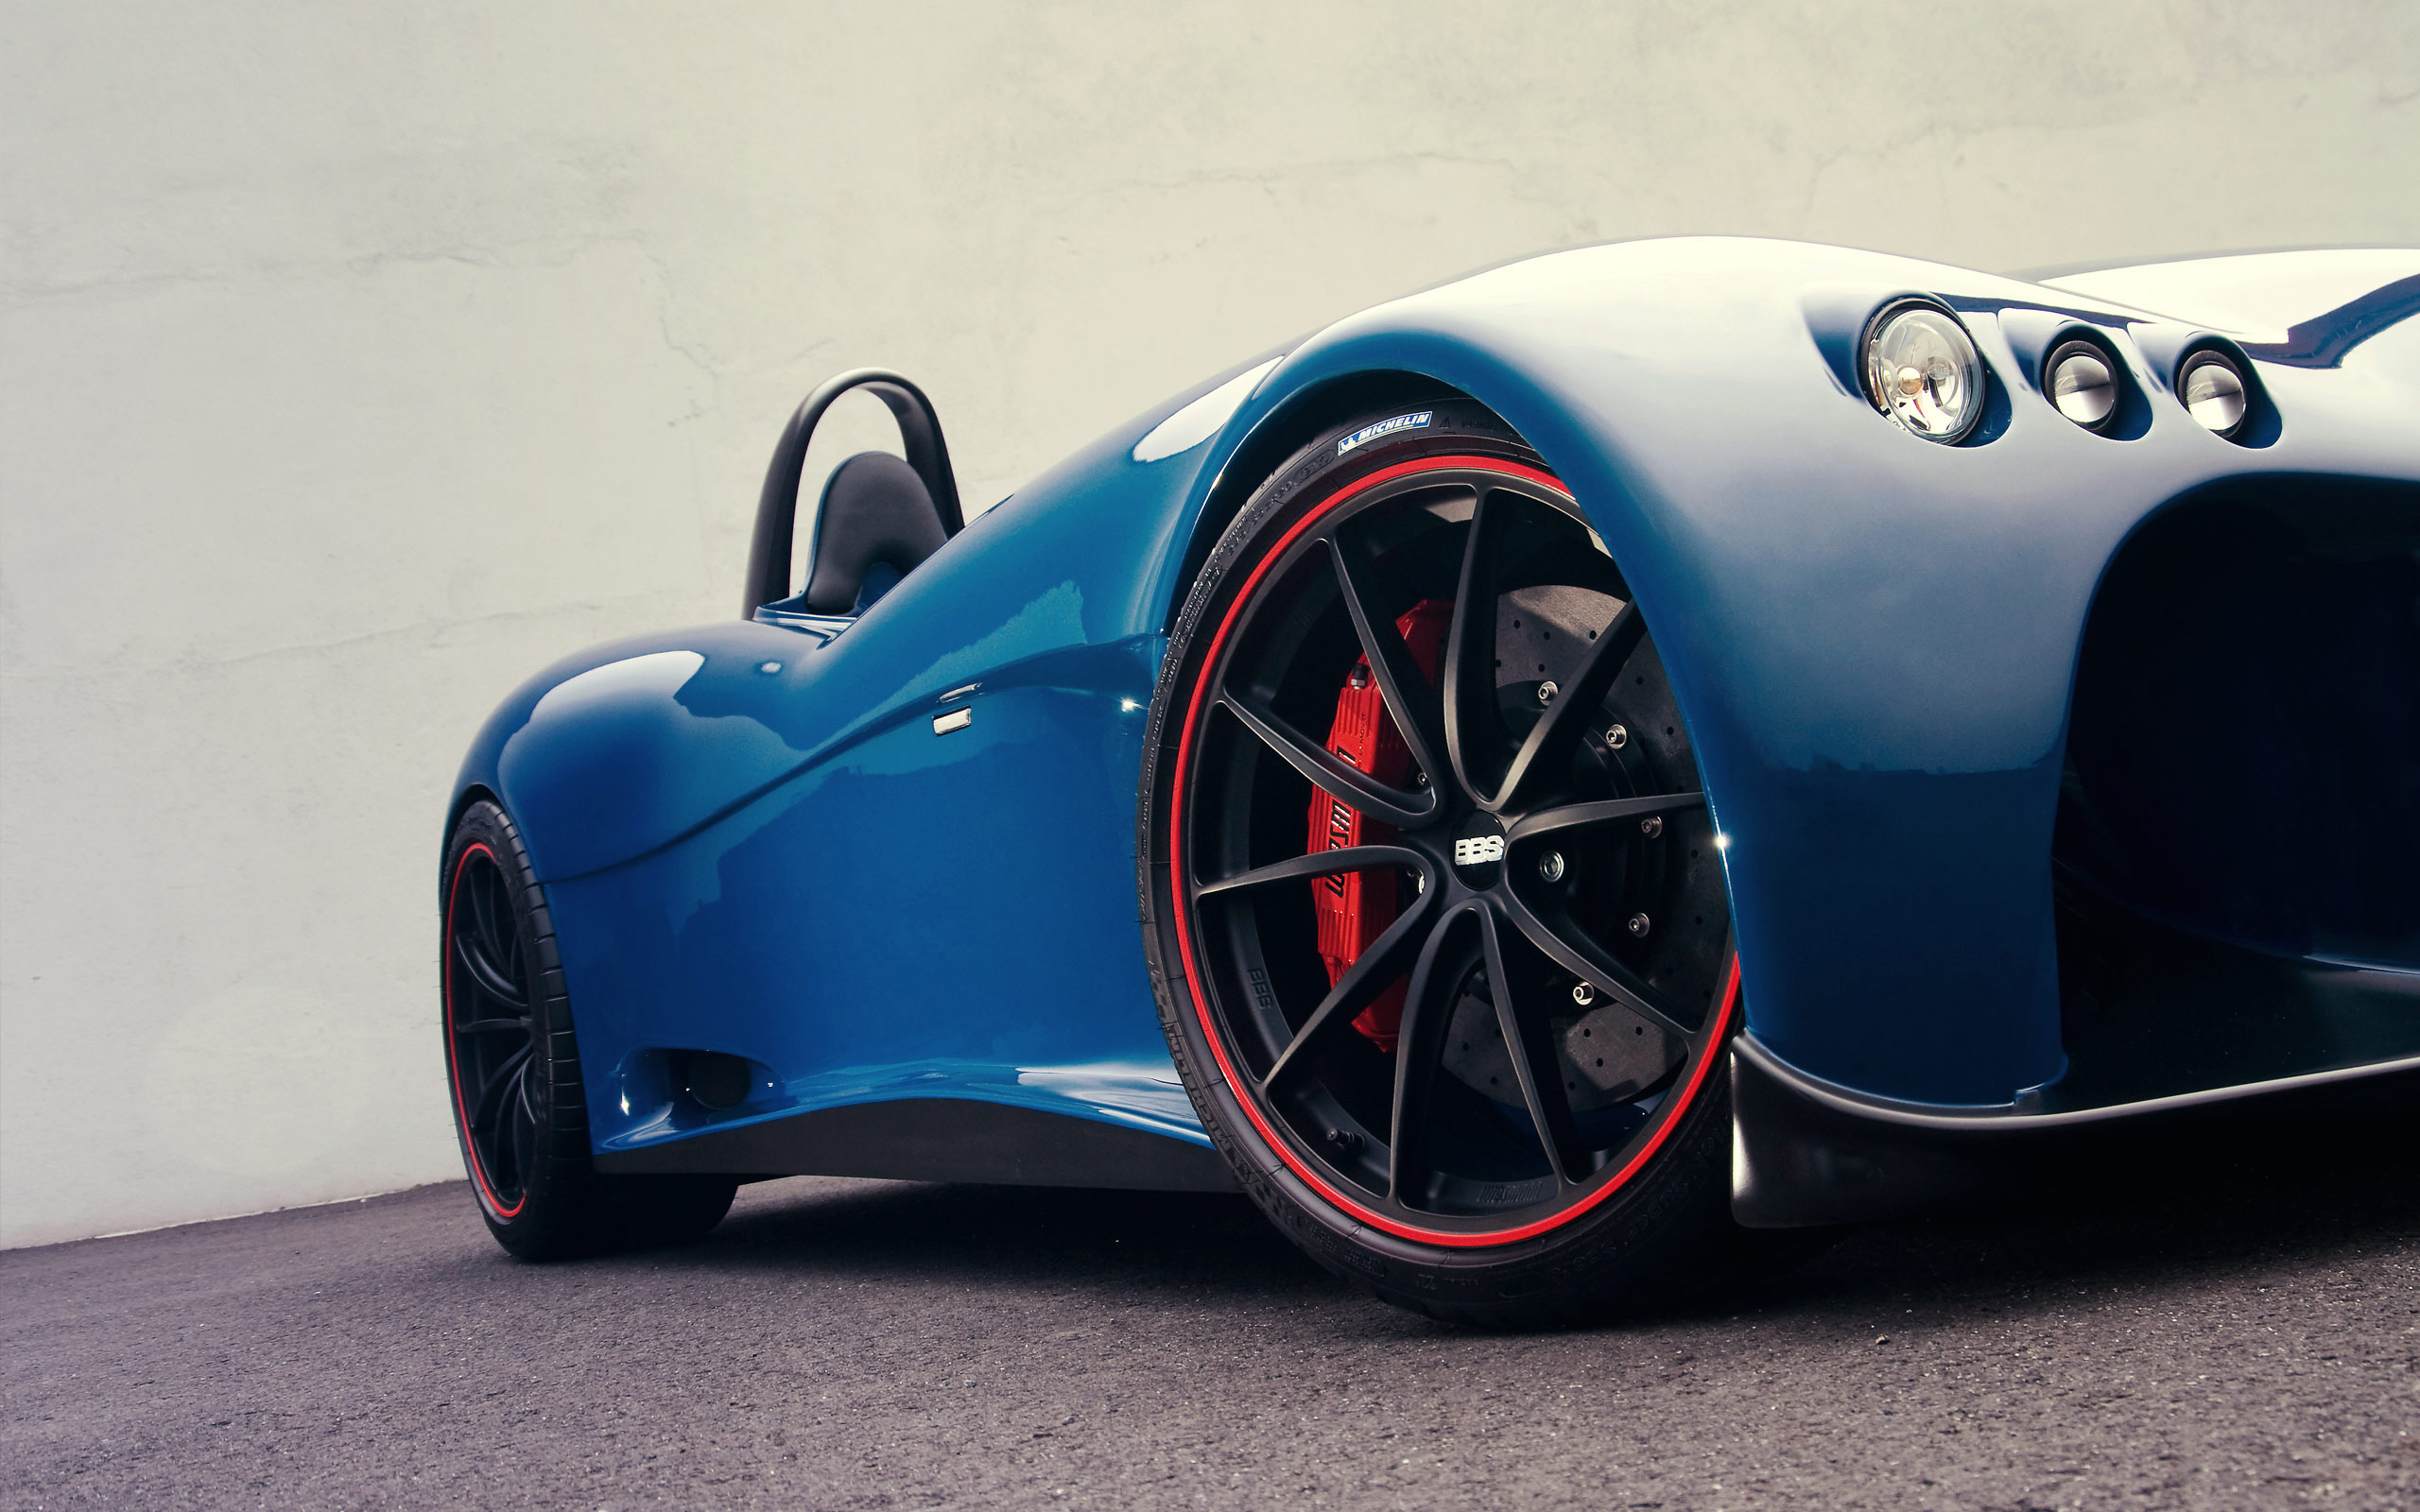 Wiesmann Spyder Concept Supercars Supercar Wheel Wheels